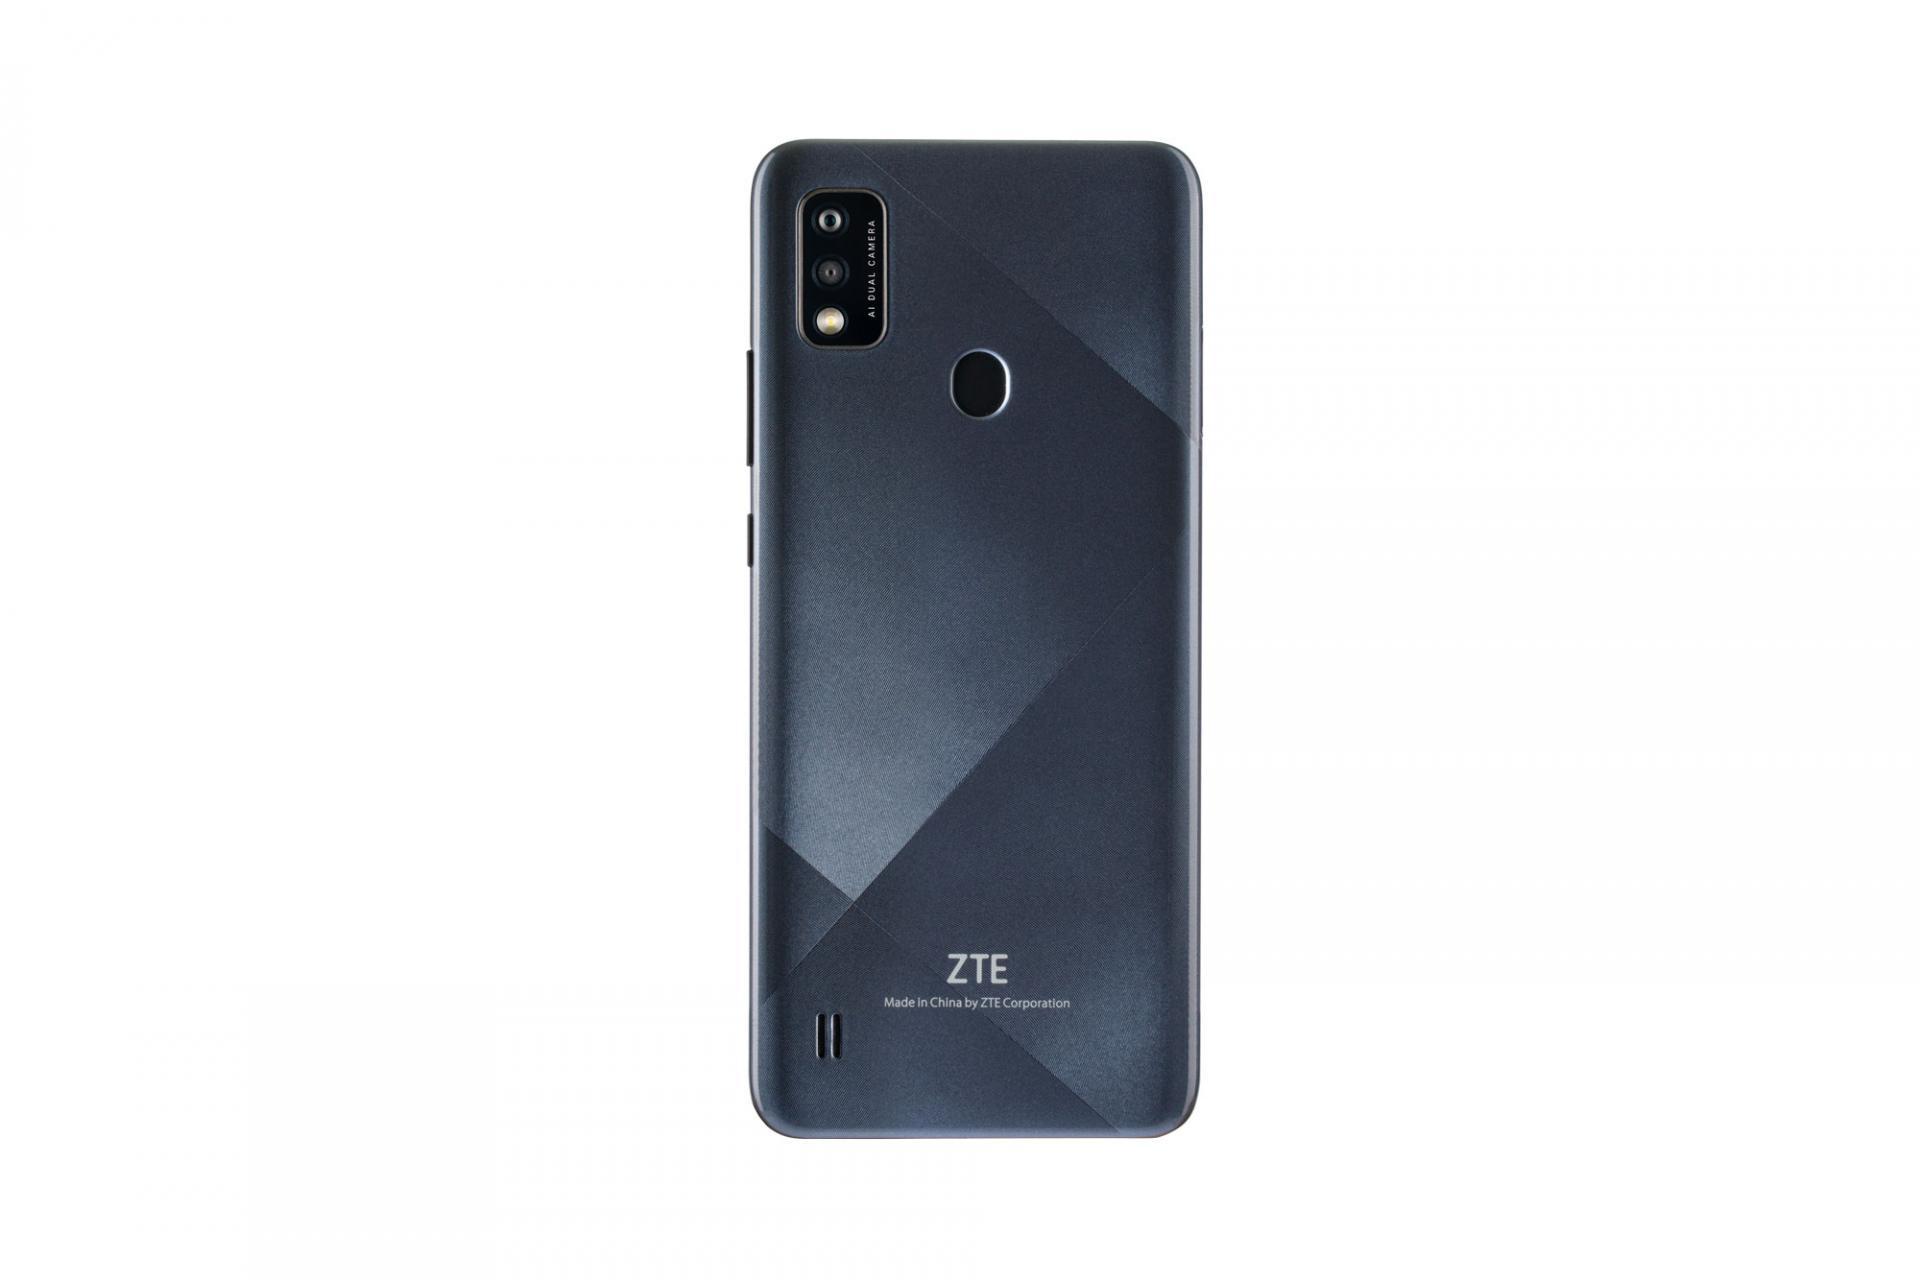 Новый ZTE Blade A51: недорогой смартфон спродвинутой камерой